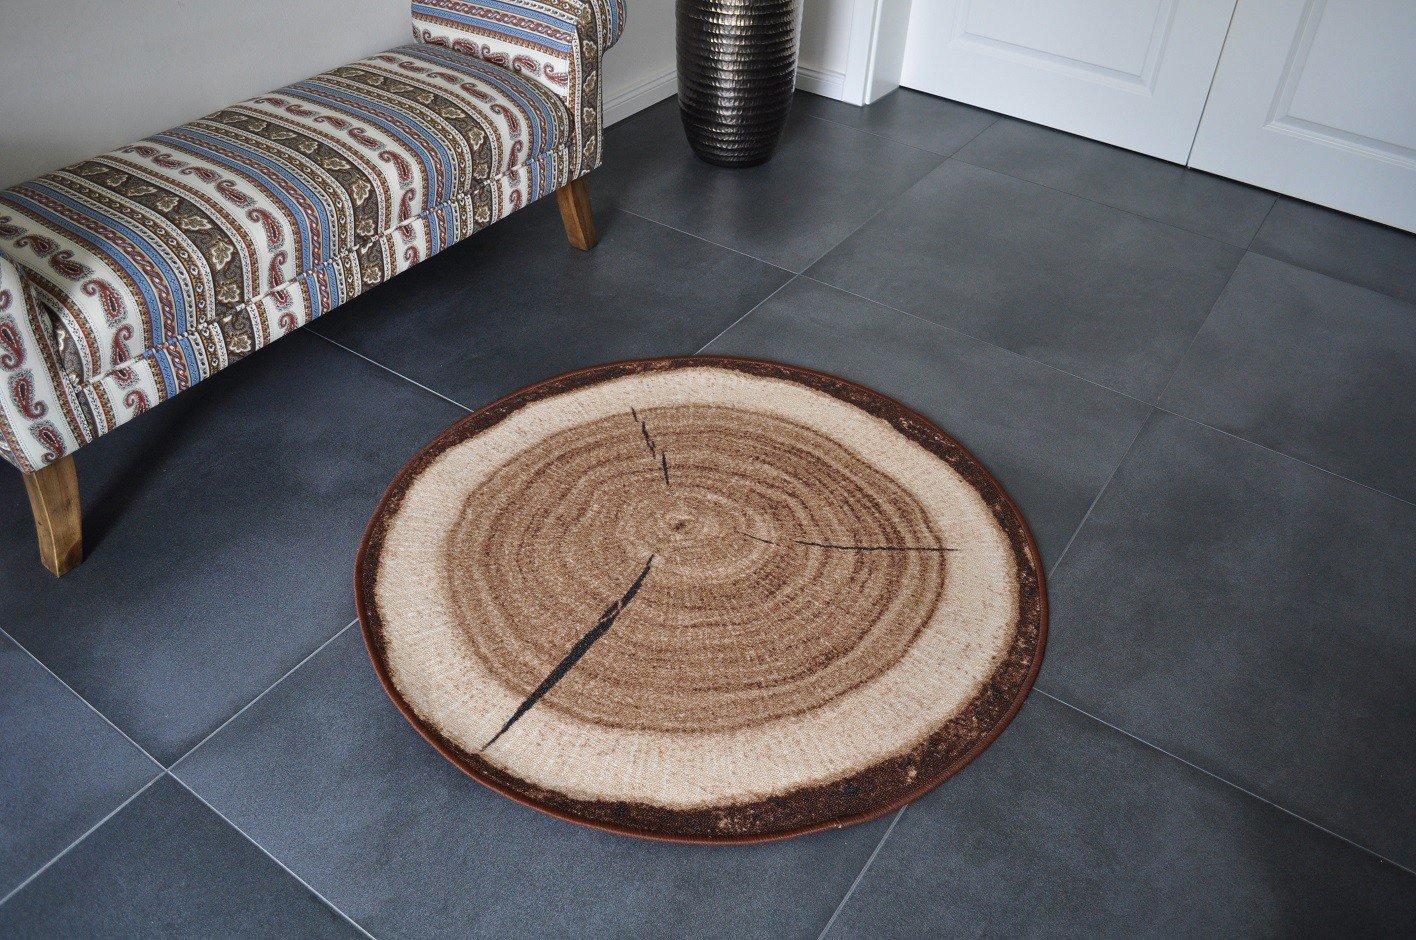 Design Teppich Holz Baumstamm 160 x 240 cm Baumscheibe HR-5 Holzmuster B00TIPQNVI Teppiche